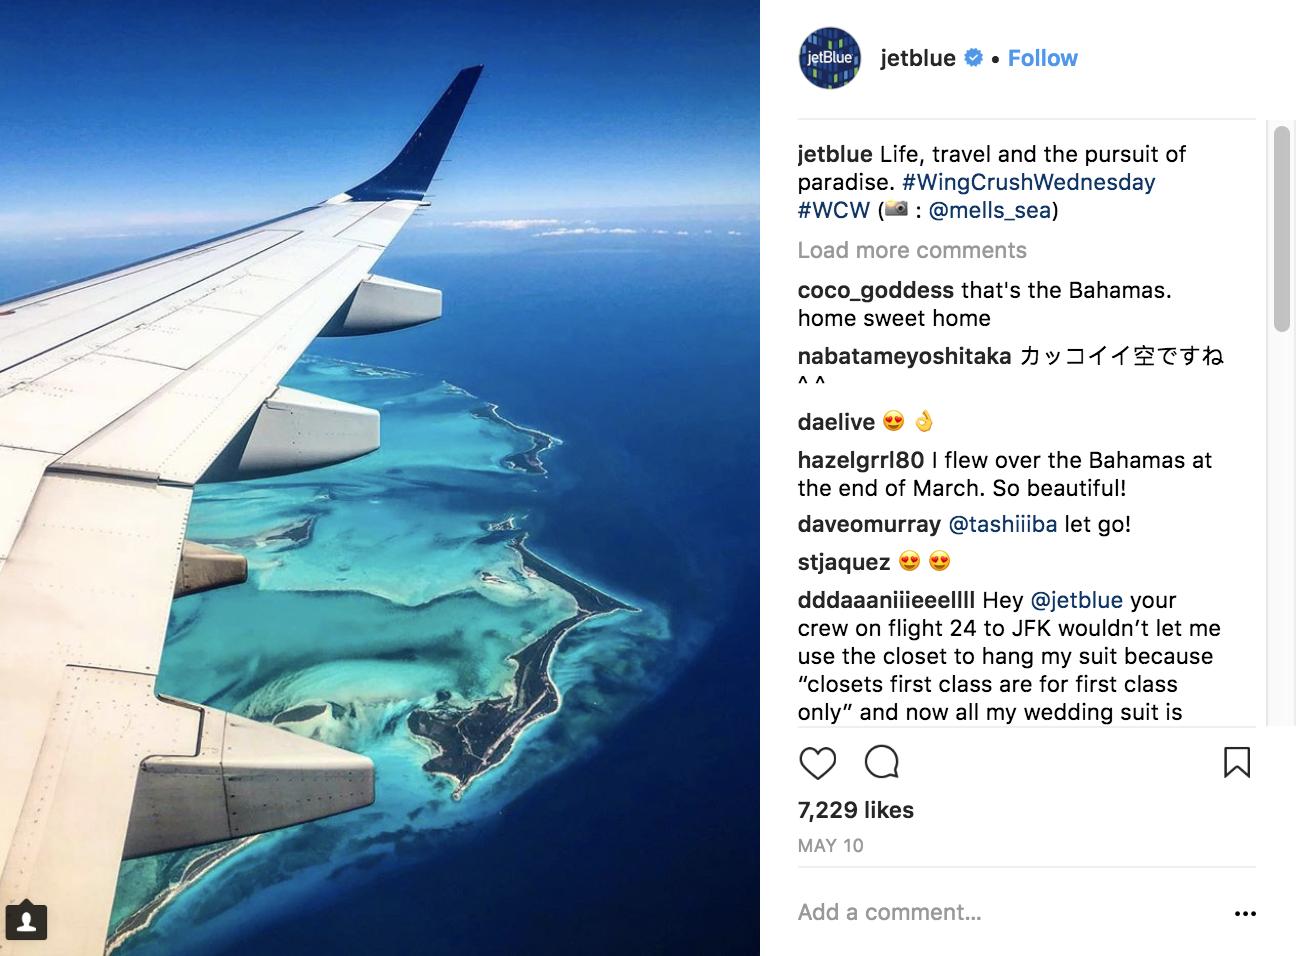 jetblue-instagram-marketing-strategy